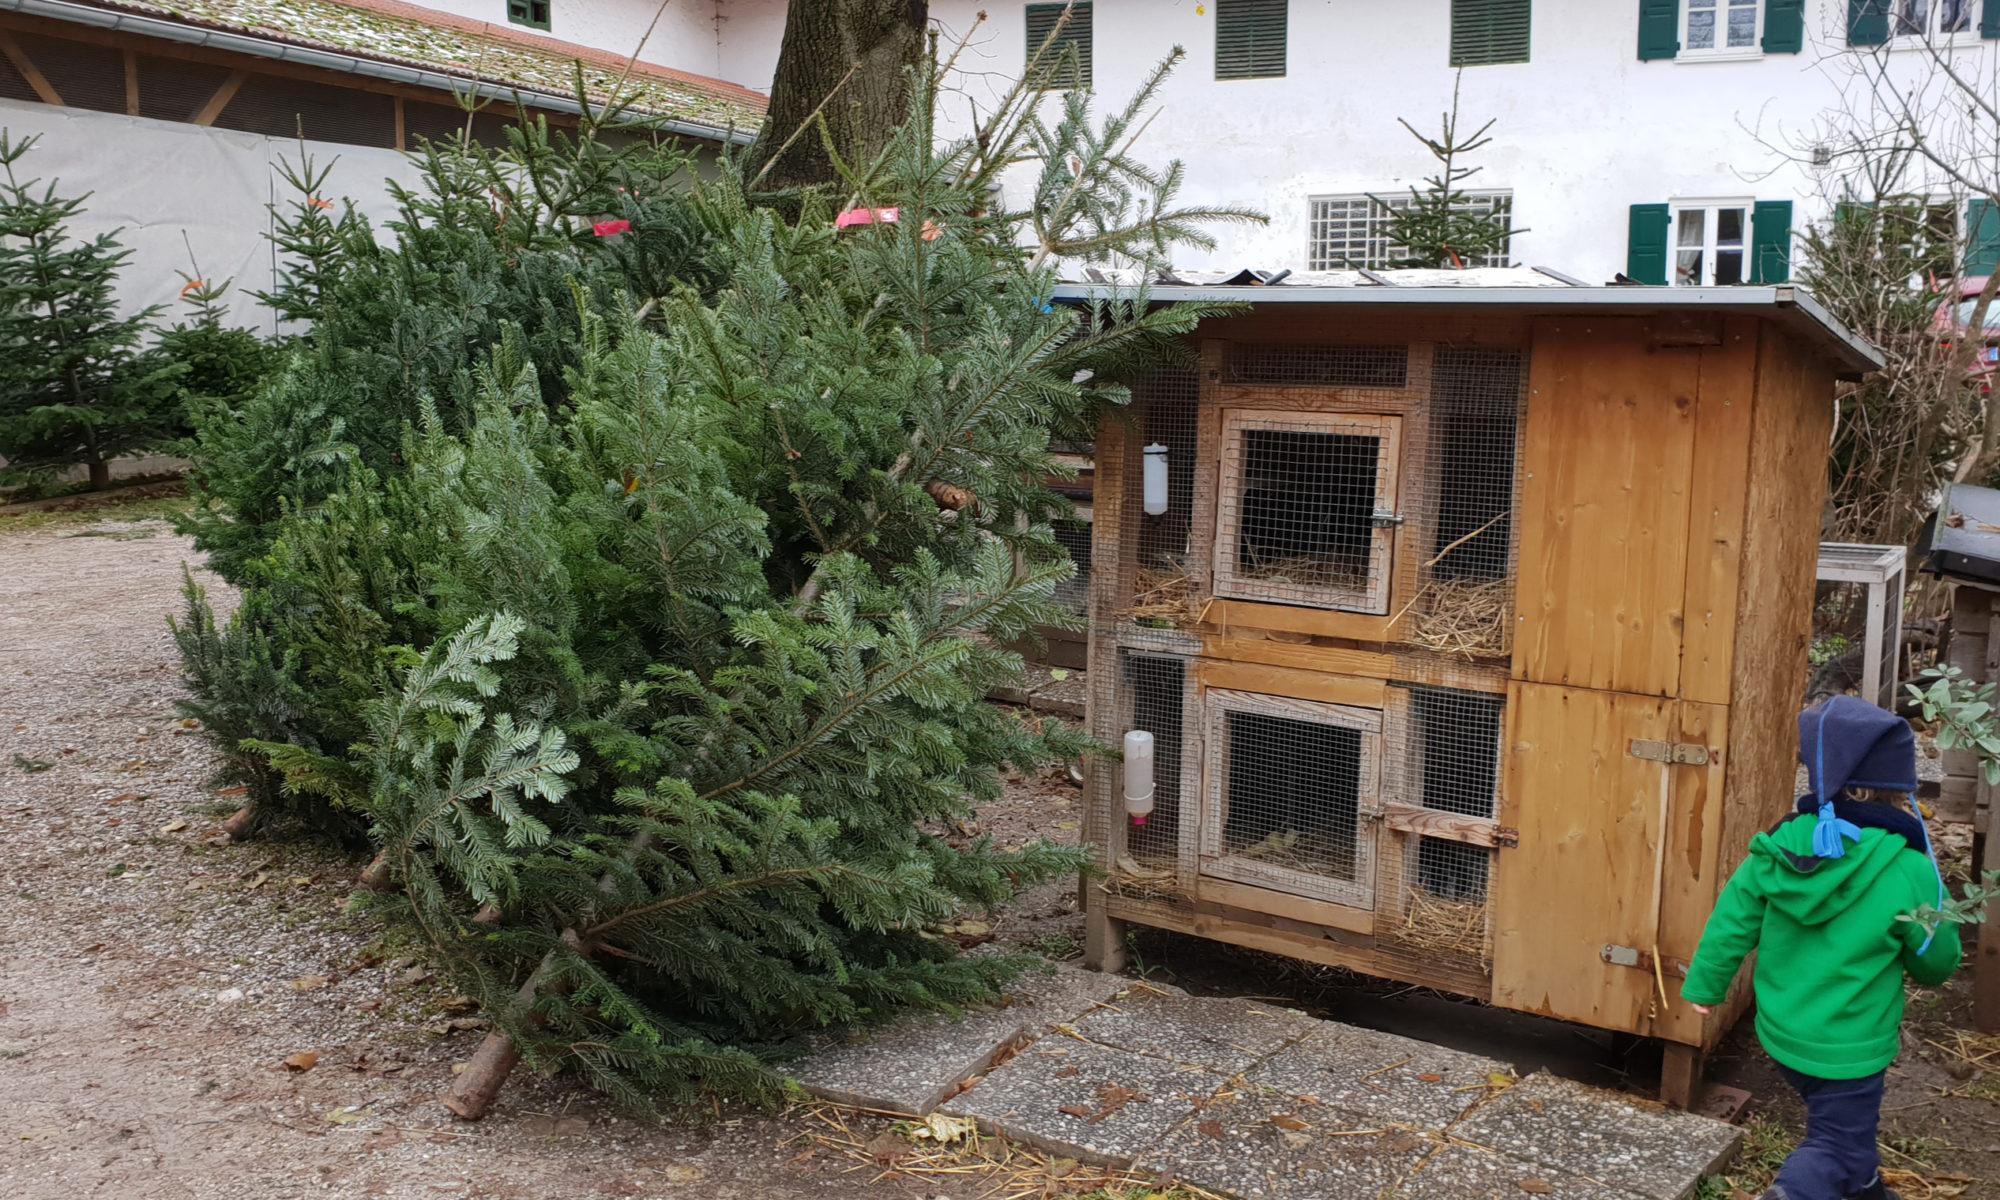 Wo Günstig Weihnachtsbaum Kaufen.Weihnachtsbaum Kaufen Unbehandelte Tannenbäume Beim Zehmerhof Oder